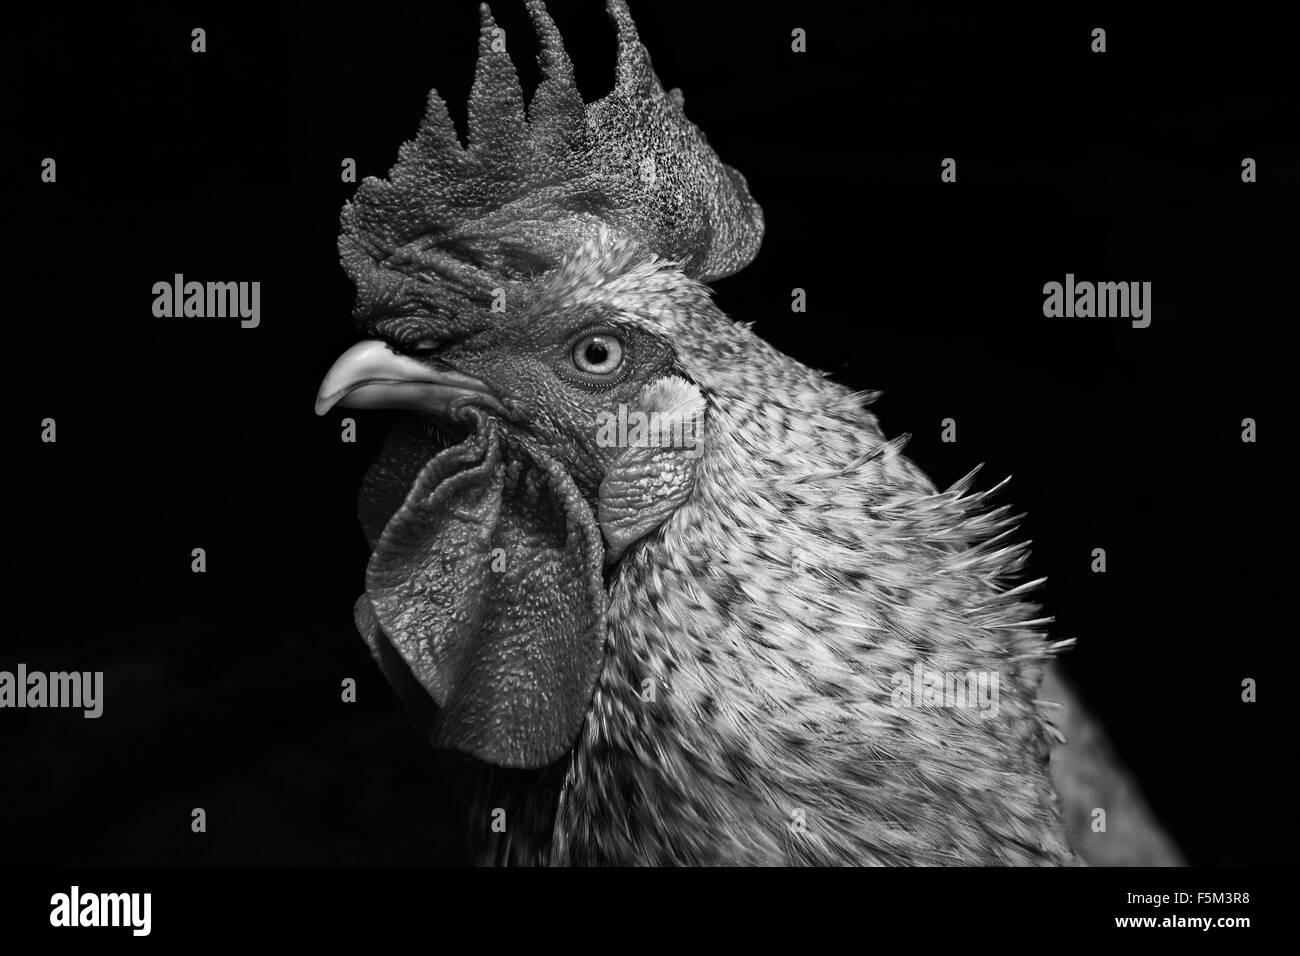 Retrato en blanco y negro de gallo mirando lateralmente Imagen De Stock